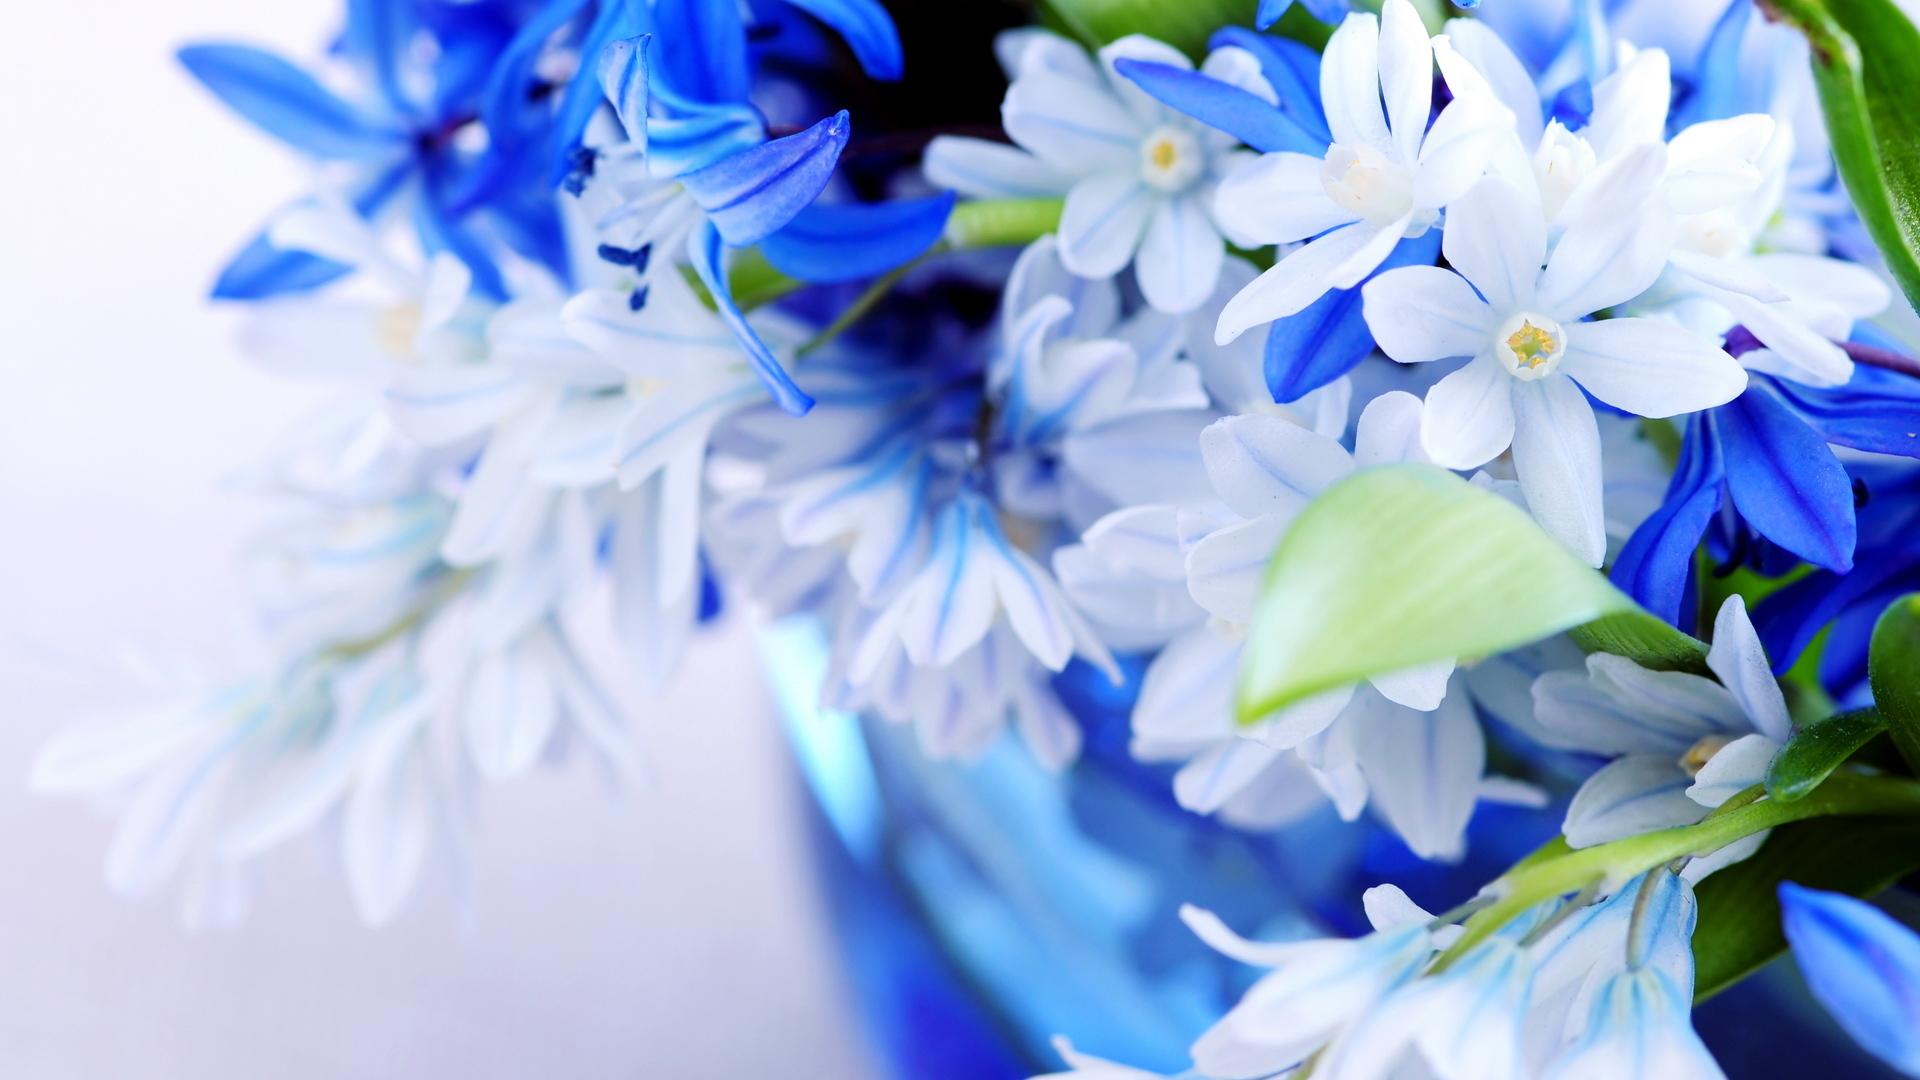 Full Screen Flowers For Desktop 1920x1080